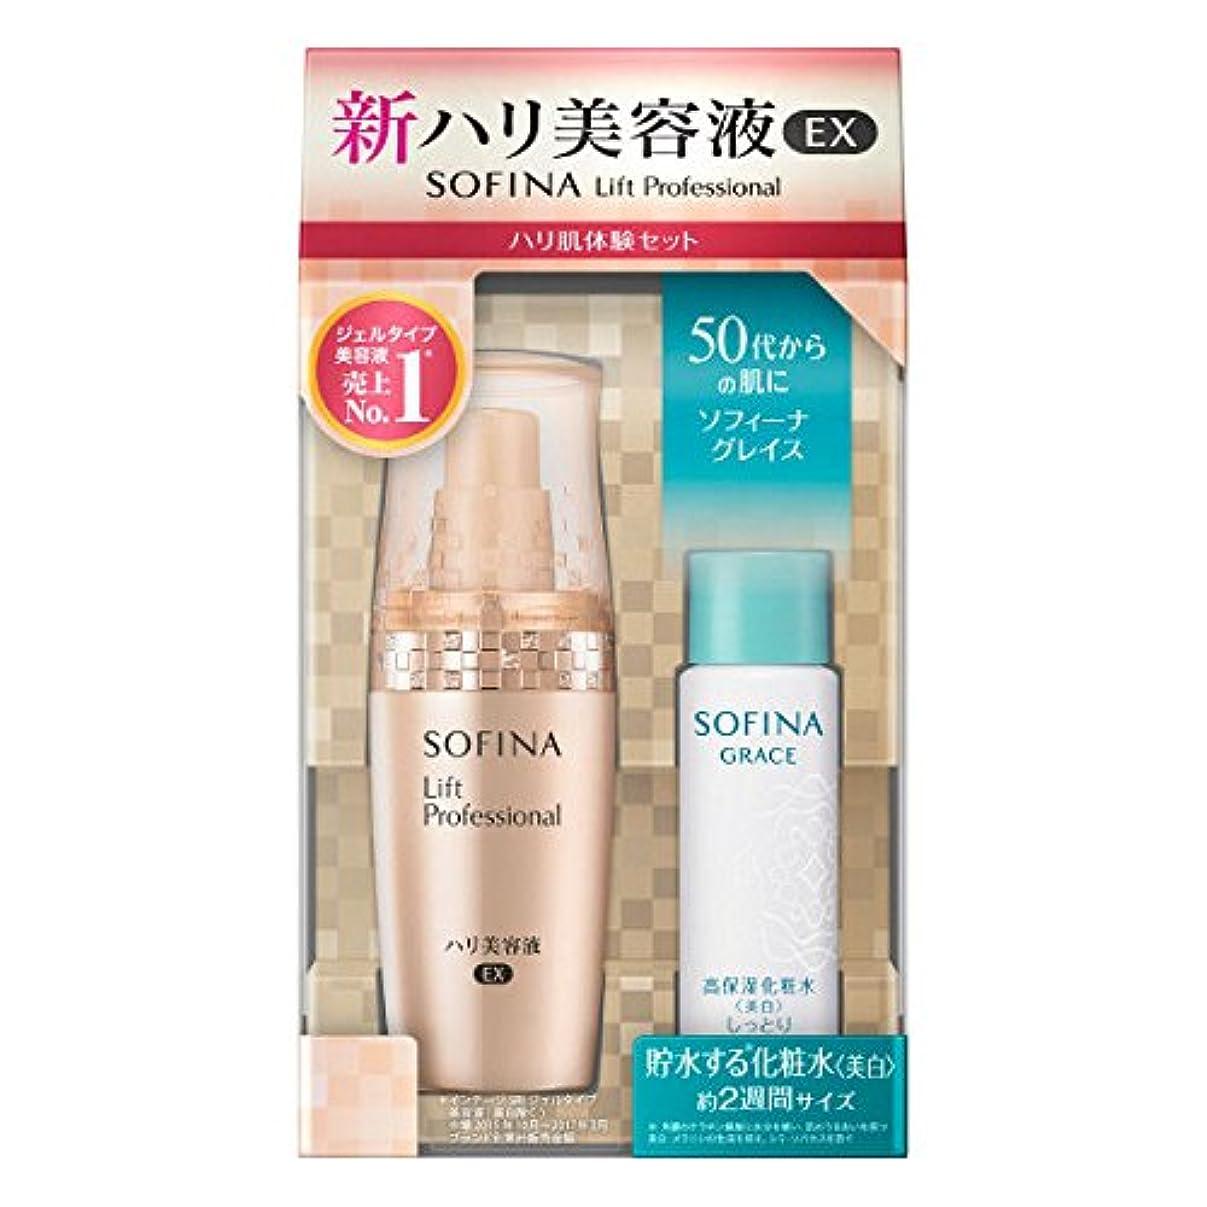 彼らはさわやか両方SOFINA(ソフィーナ) リフトプロフェッショナル ハリ美容液 40g + ソフィーナグレイス高保湿化粧水 30mL 付き